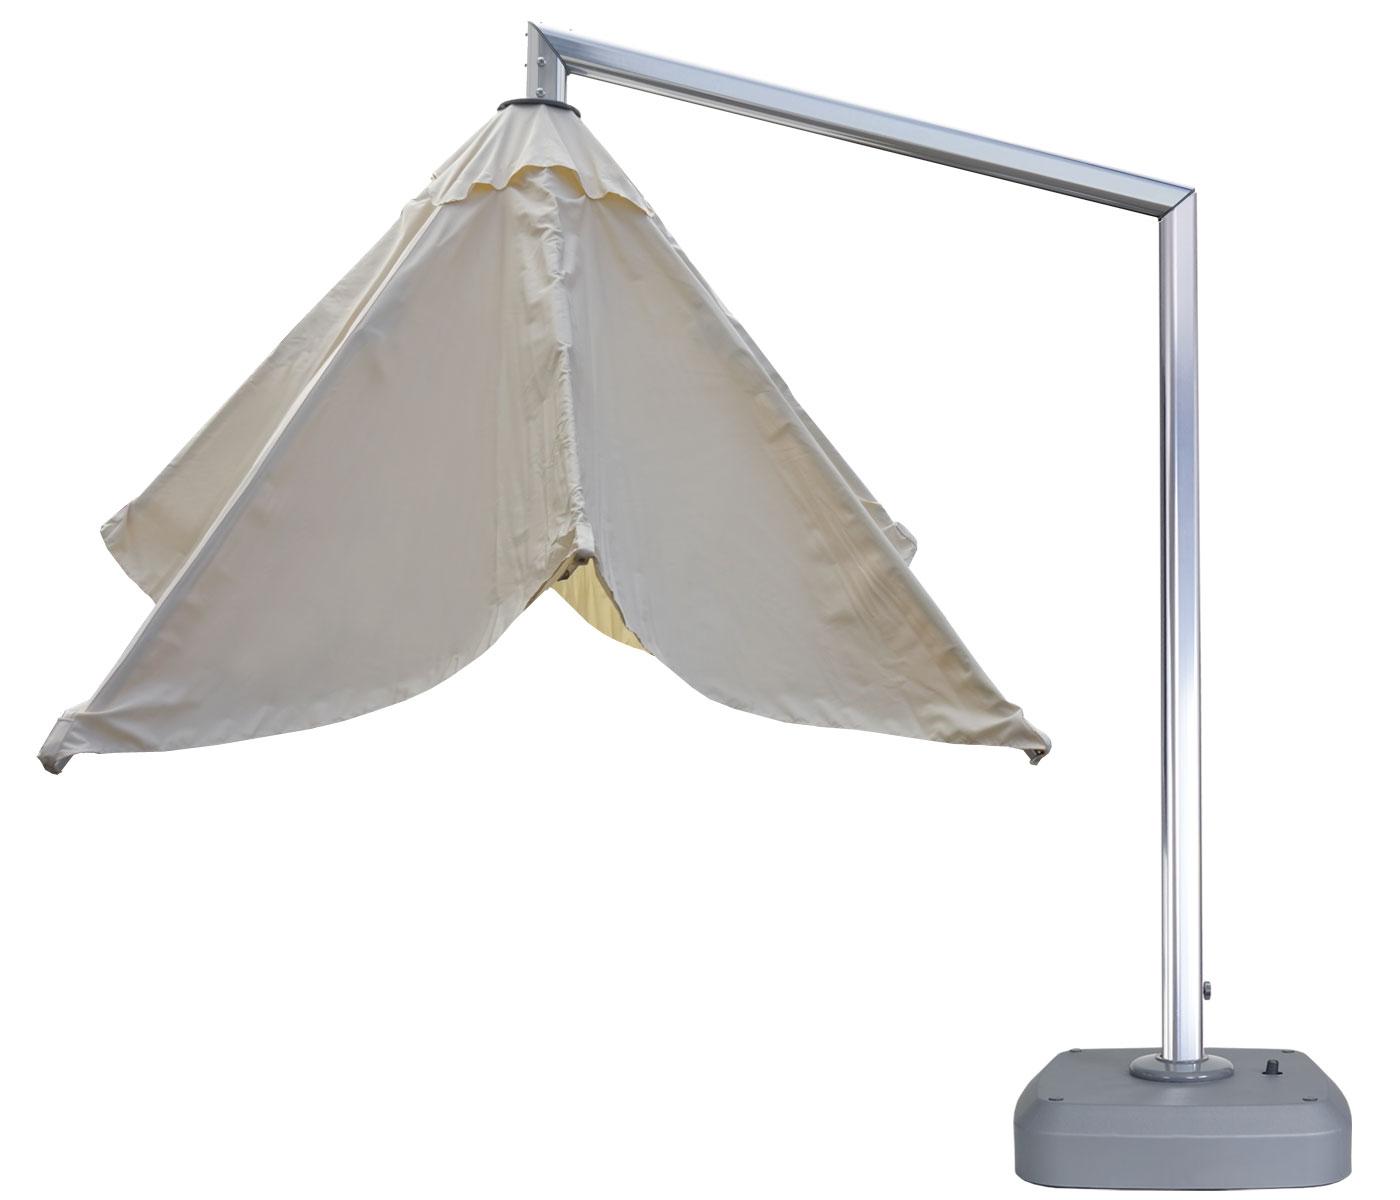 luxus ampelschirm gartenschirm sonnenschirm mit st nder drehbar 3x3m 4 24m polyester alu. Black Bedroom Furniture Sets. Home Design Ideas